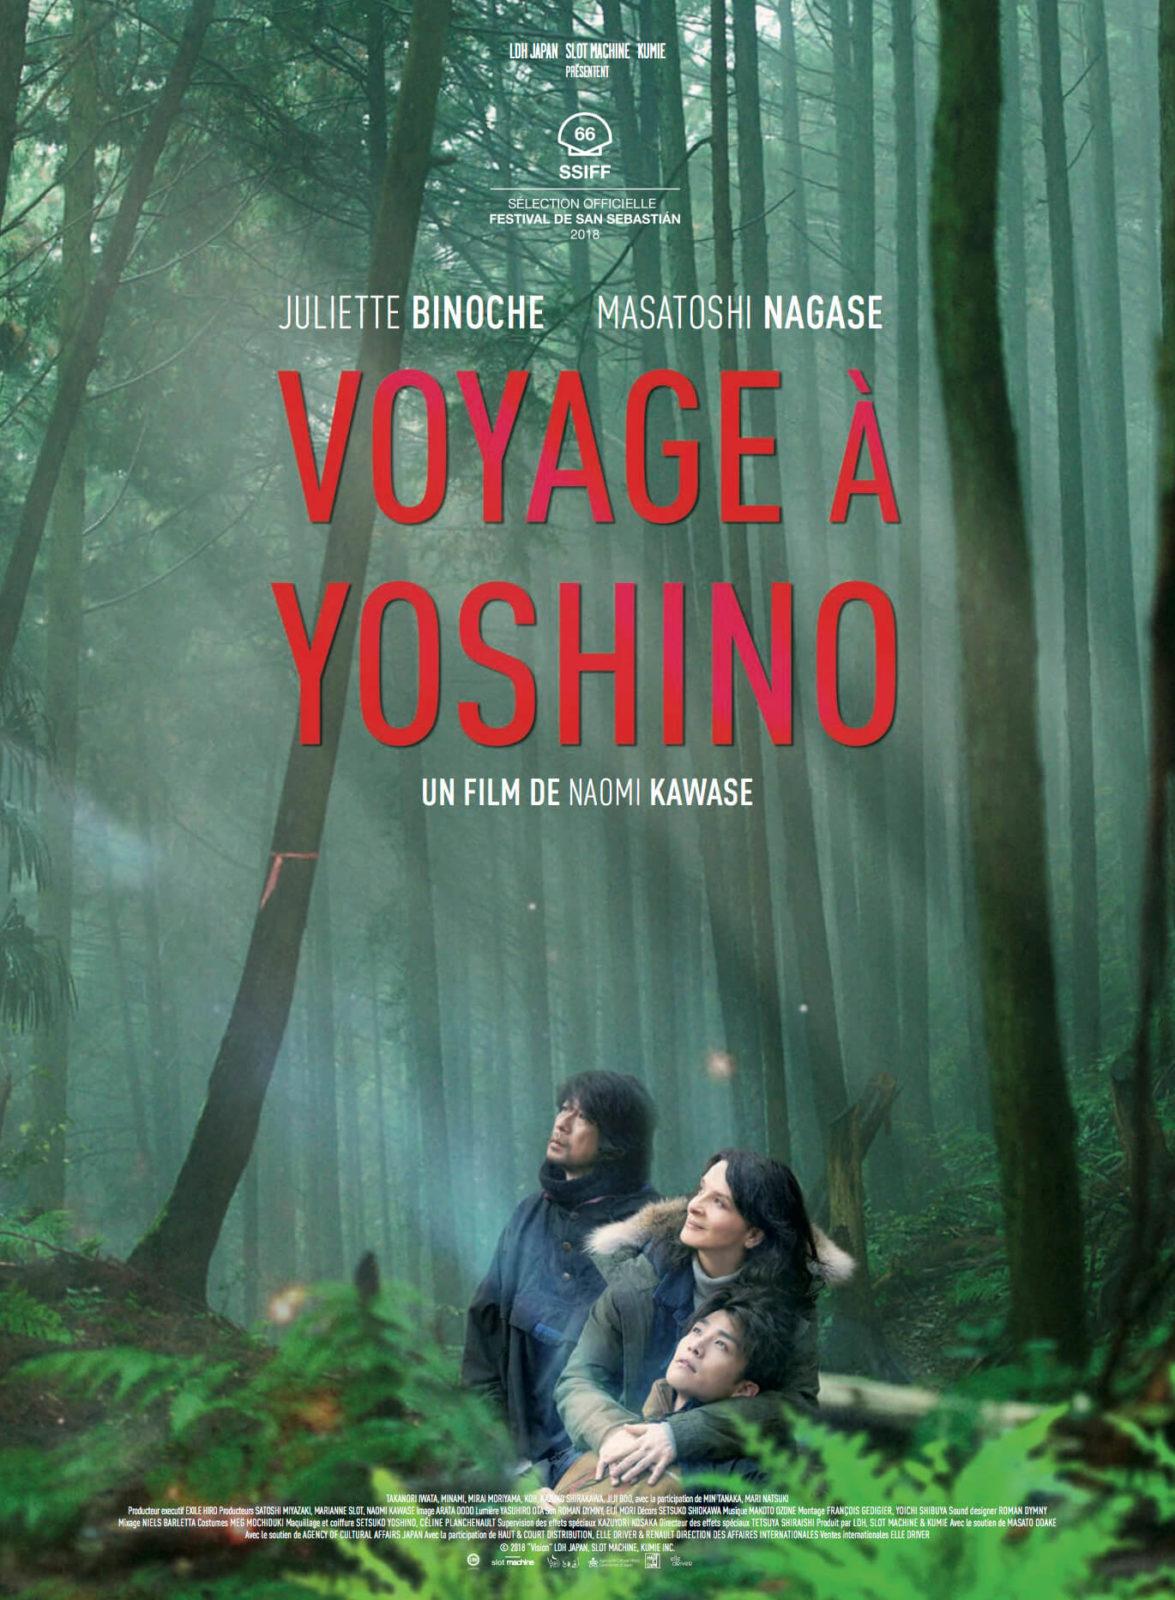 岩田剛典(EXILE/三代目JSB) 出演映画「Vision」フランスで公開決定!スペインの映画祭でも上映サムネイル画像